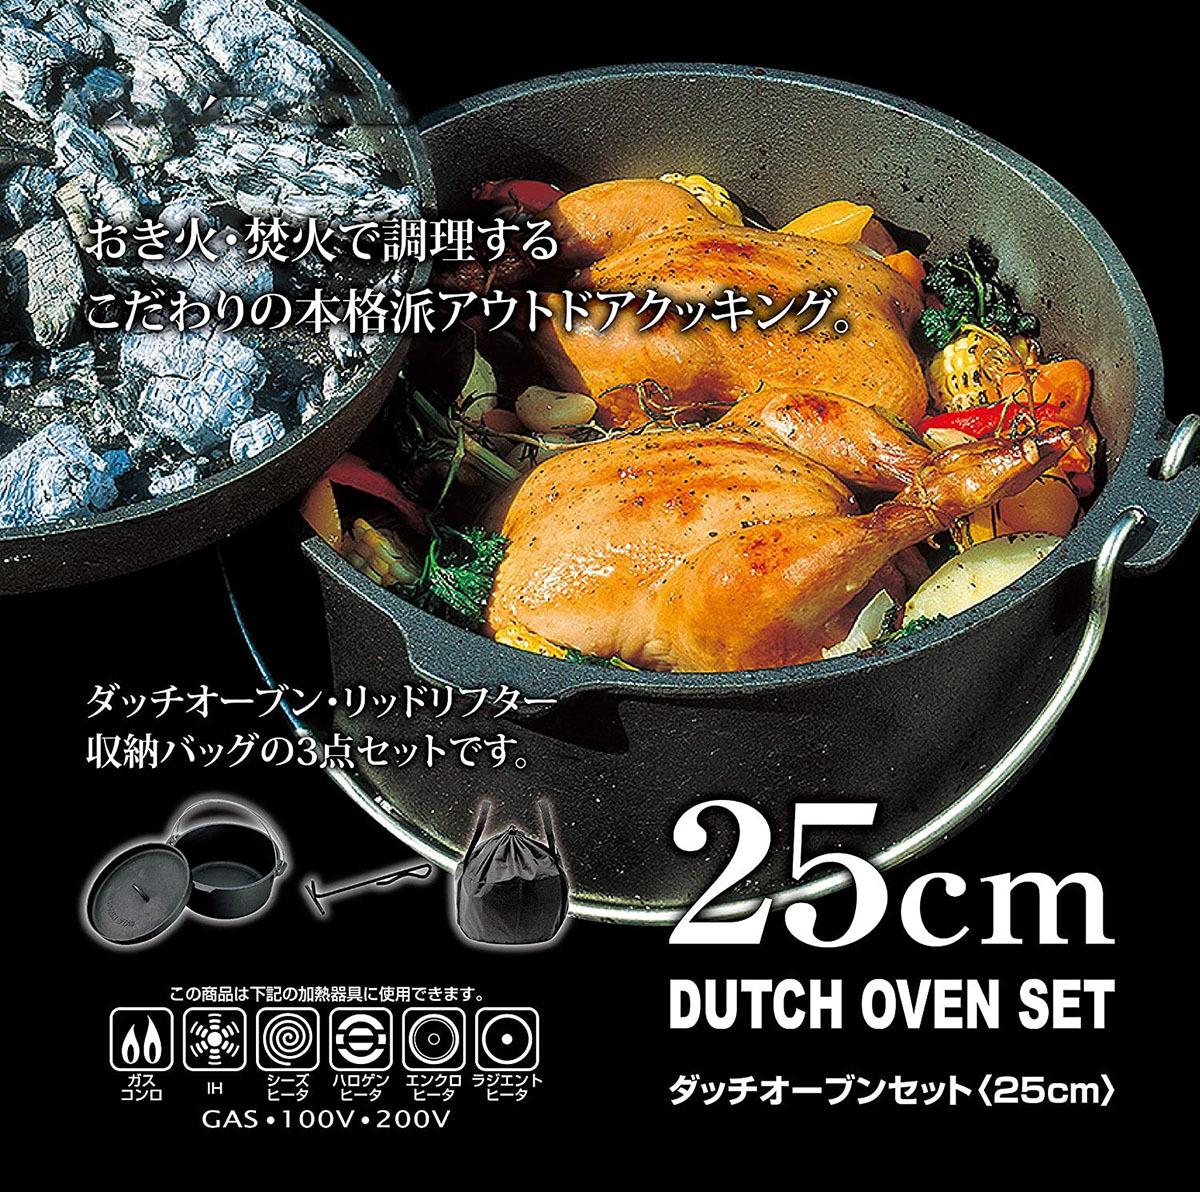 【シーズニング不要】 リッドリフターセット 鋳鉄製ダッチオーブン 収納バッグ付き 調理 アウトドア キャンプ BBQ バーベキュー